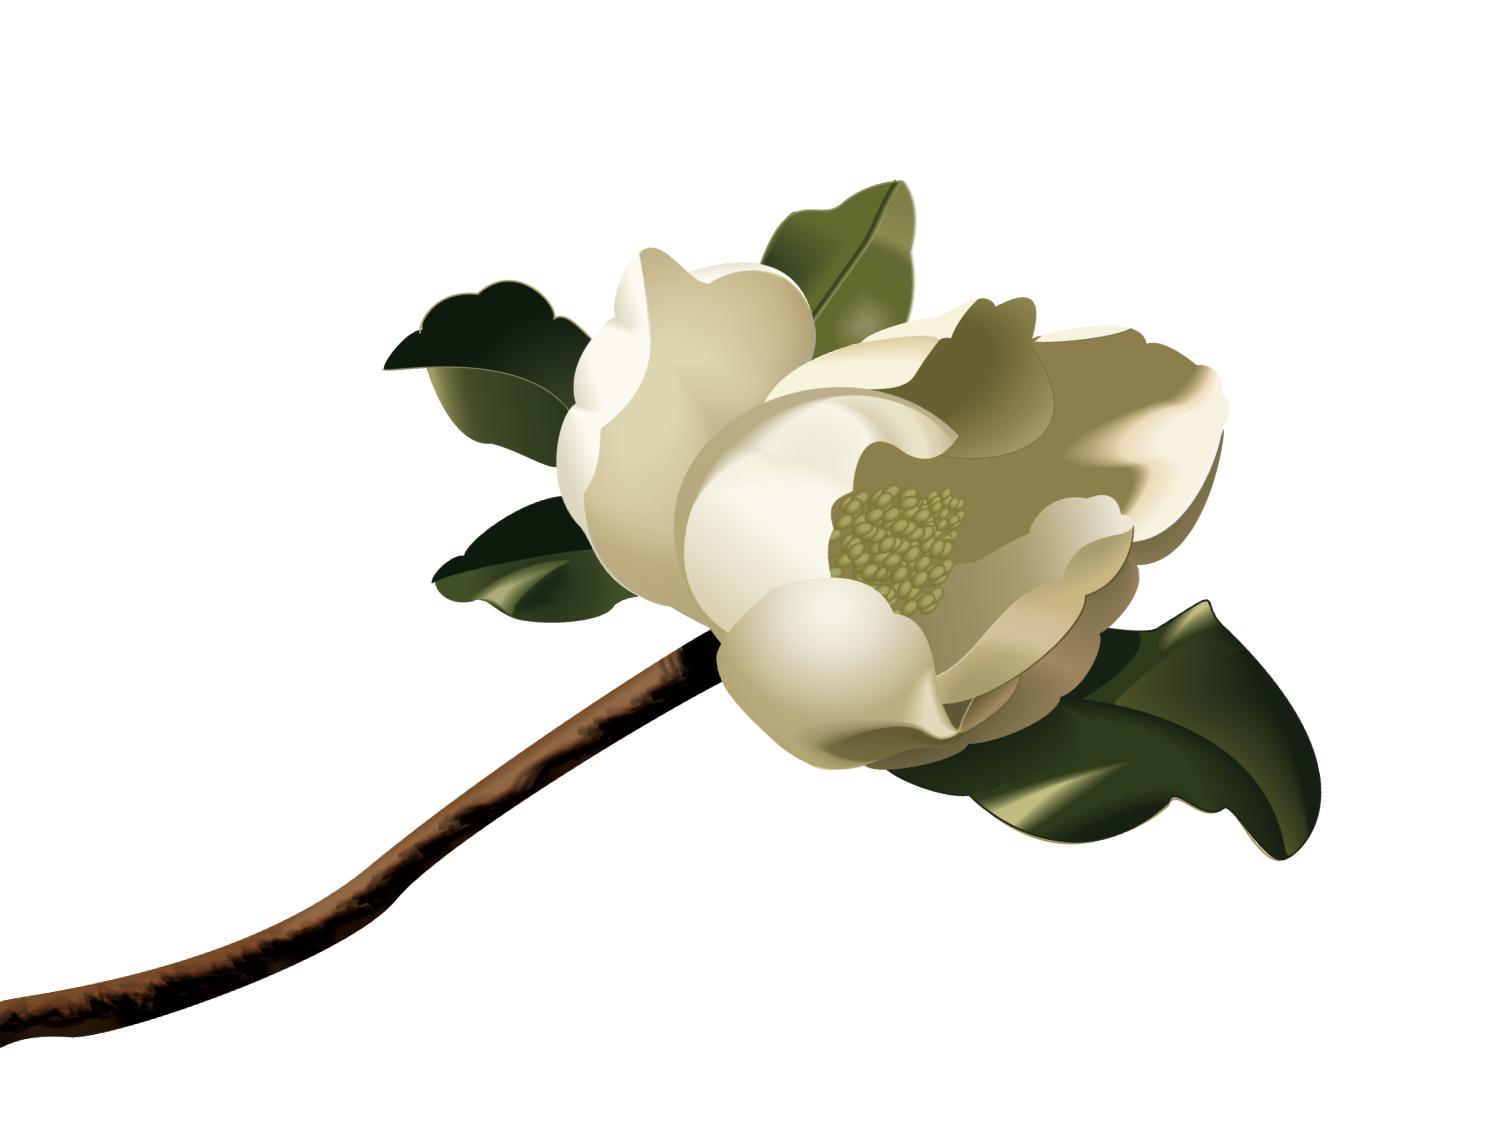 White magnolia clipart free stock Free Magnolia Cliparts, Download Free Clip Art, Free Clip ... free stock